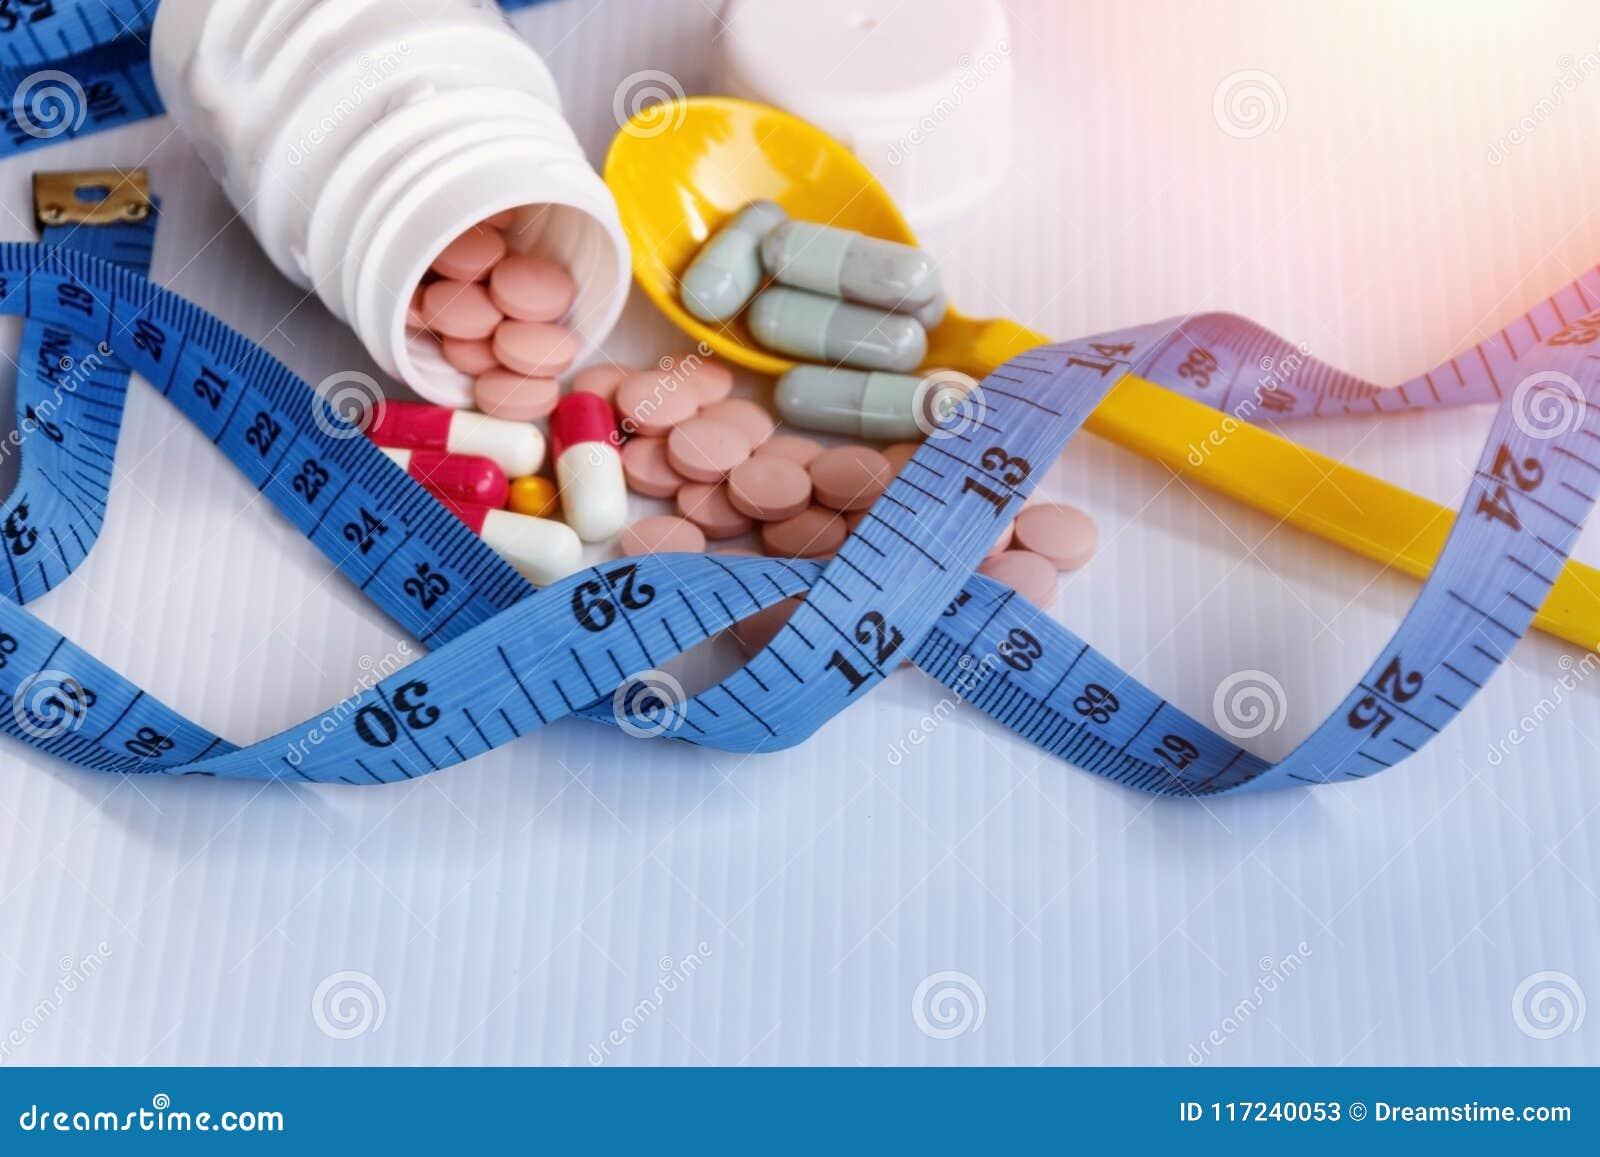 Concetto di dieta; Dimagrisca dalle pillole, pericolose per salute